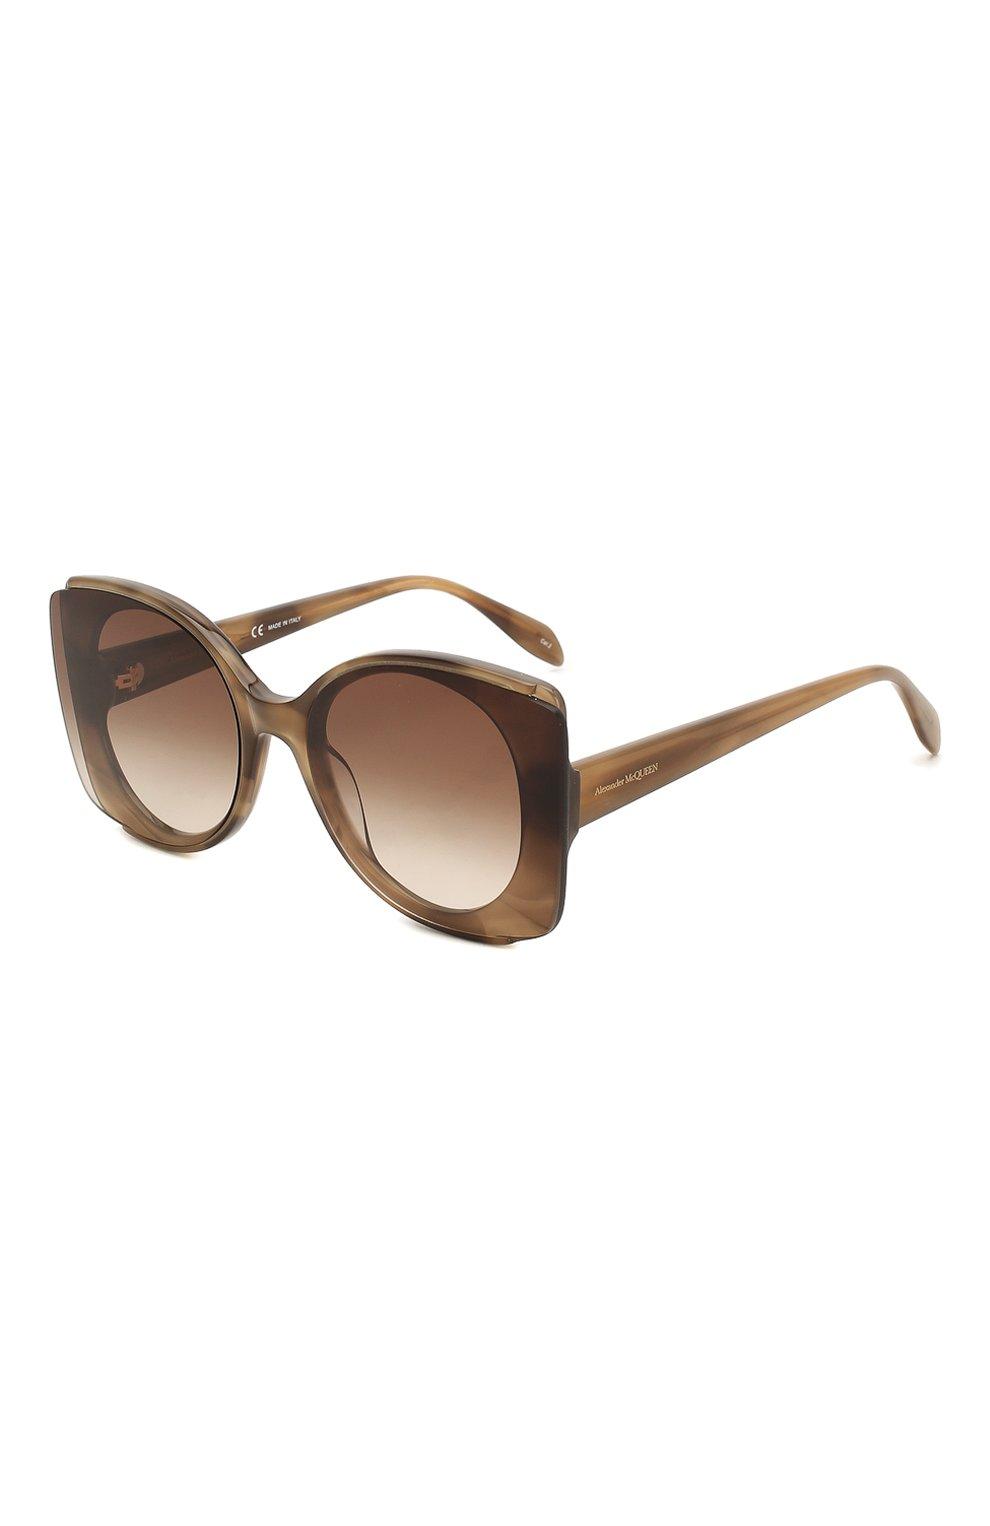 Женские солнцезащитные очки ALEXANDER MCQUEEN коричневого цвета, арт. AM0250S 004 | Фото 1